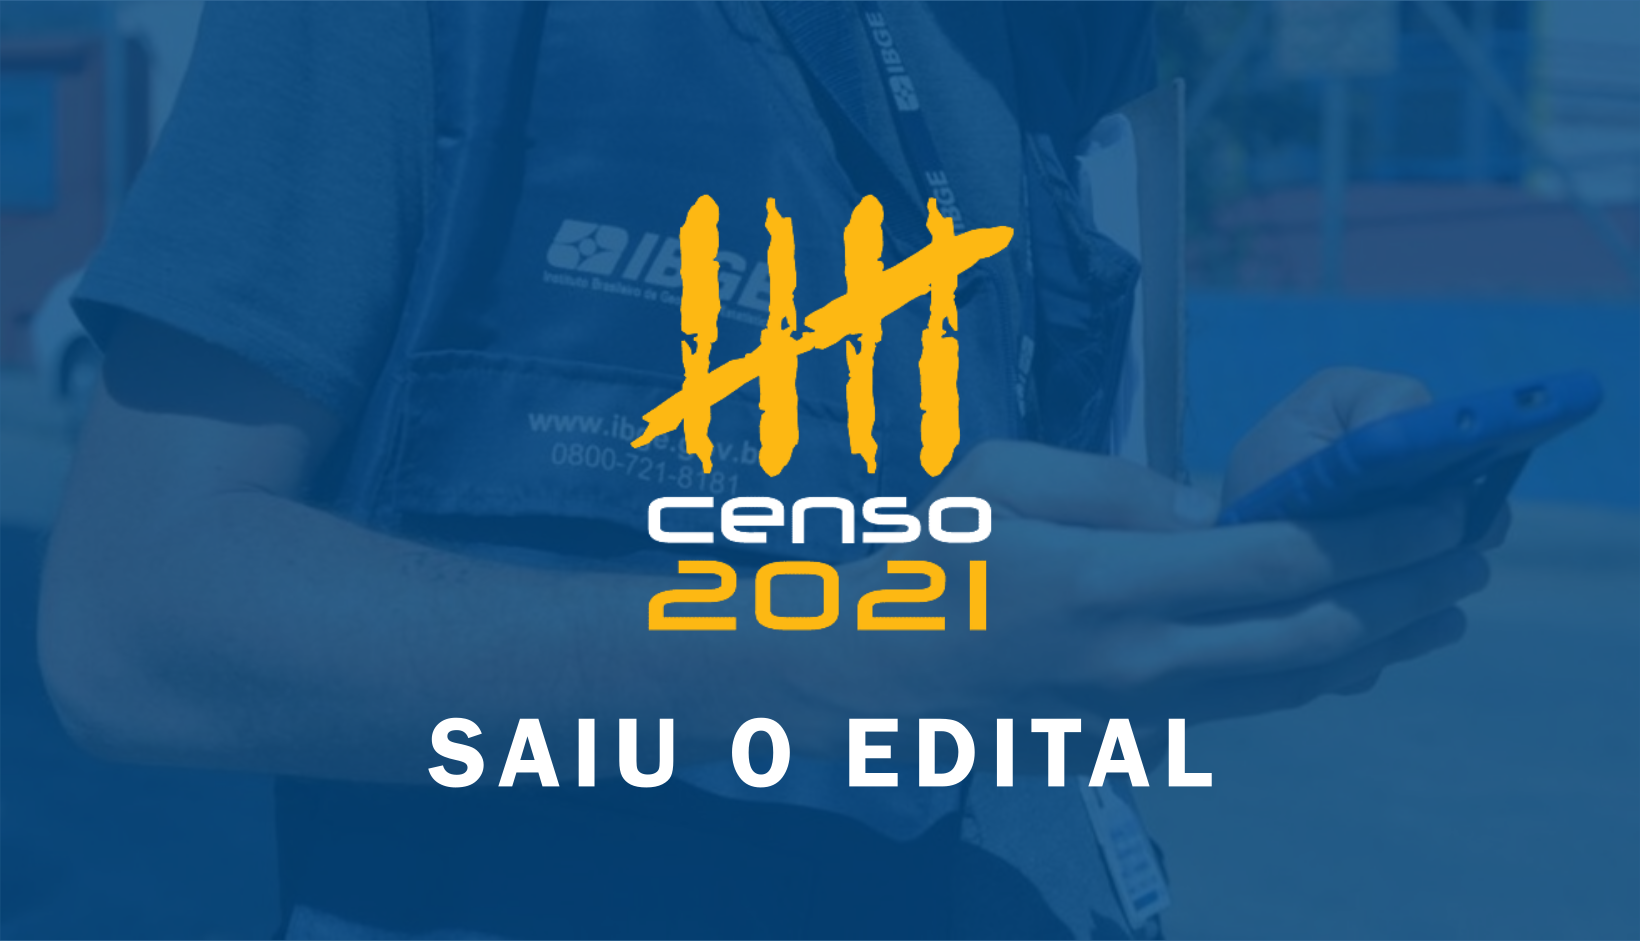 EDITAL DO PROCESSO SELETIVO PARA O CENSO 2021